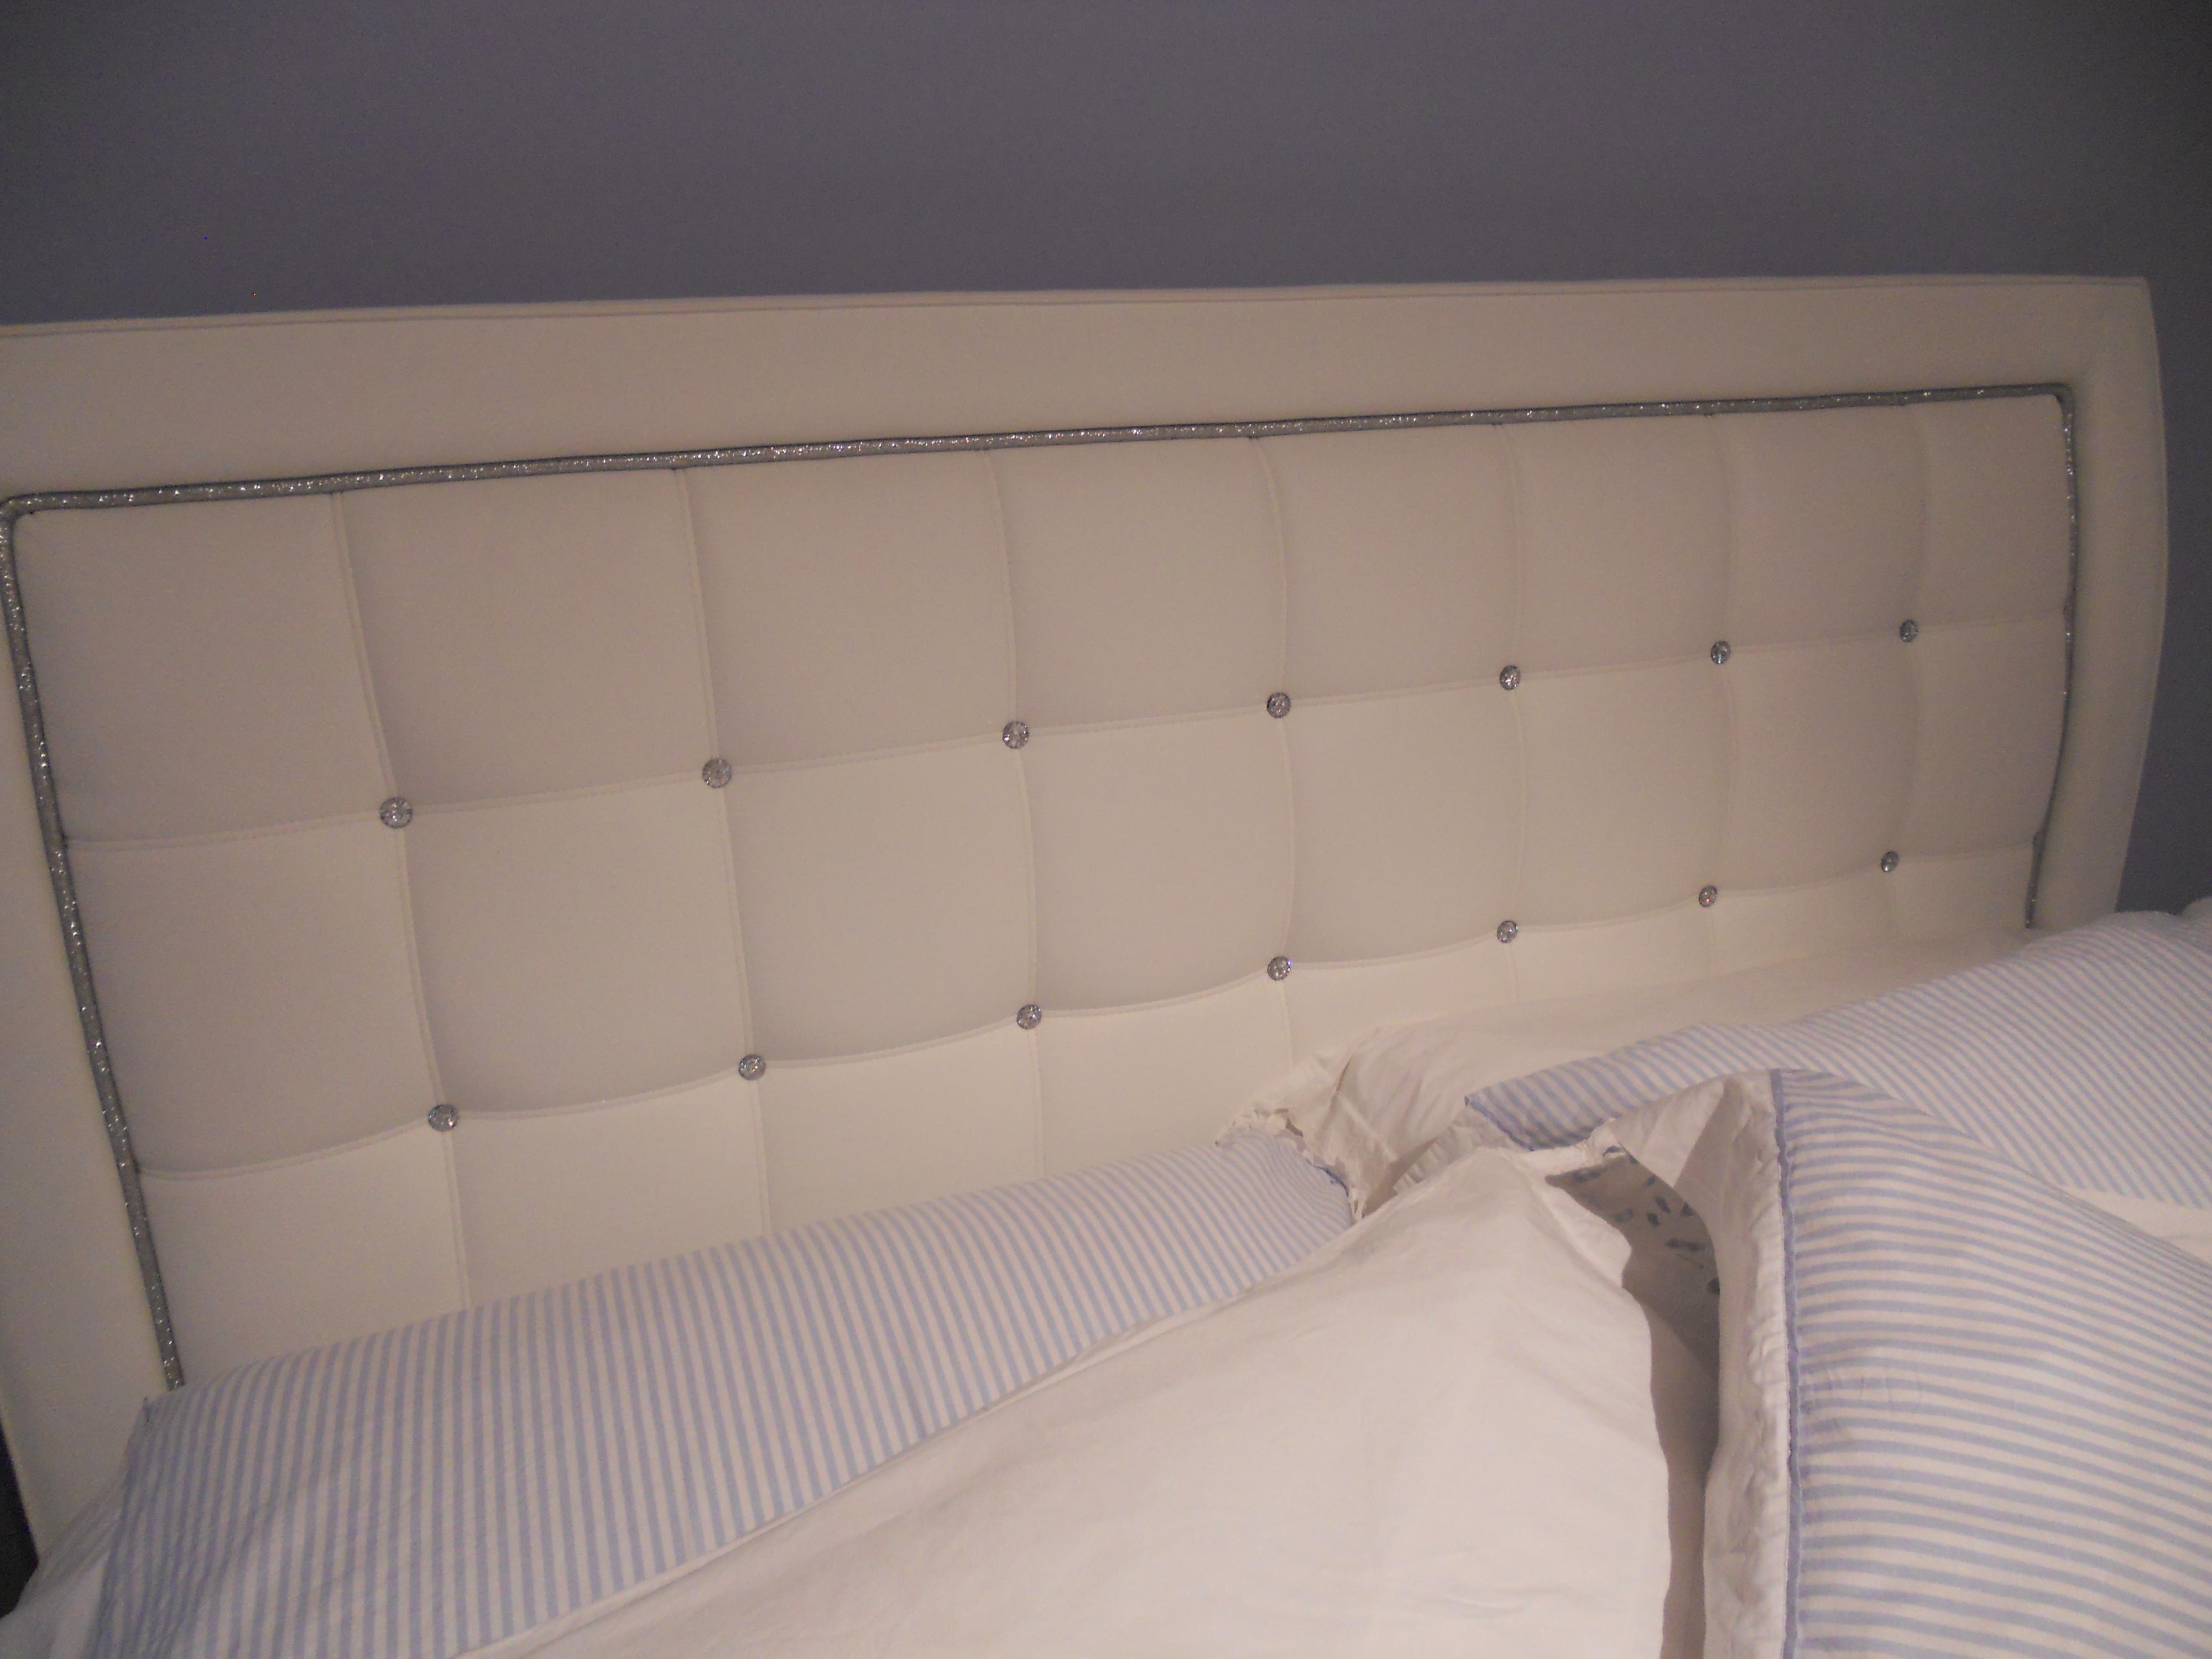 Camera da letto in offerta camere a prezzi scontati for Offerta camera da letto matrimoniale